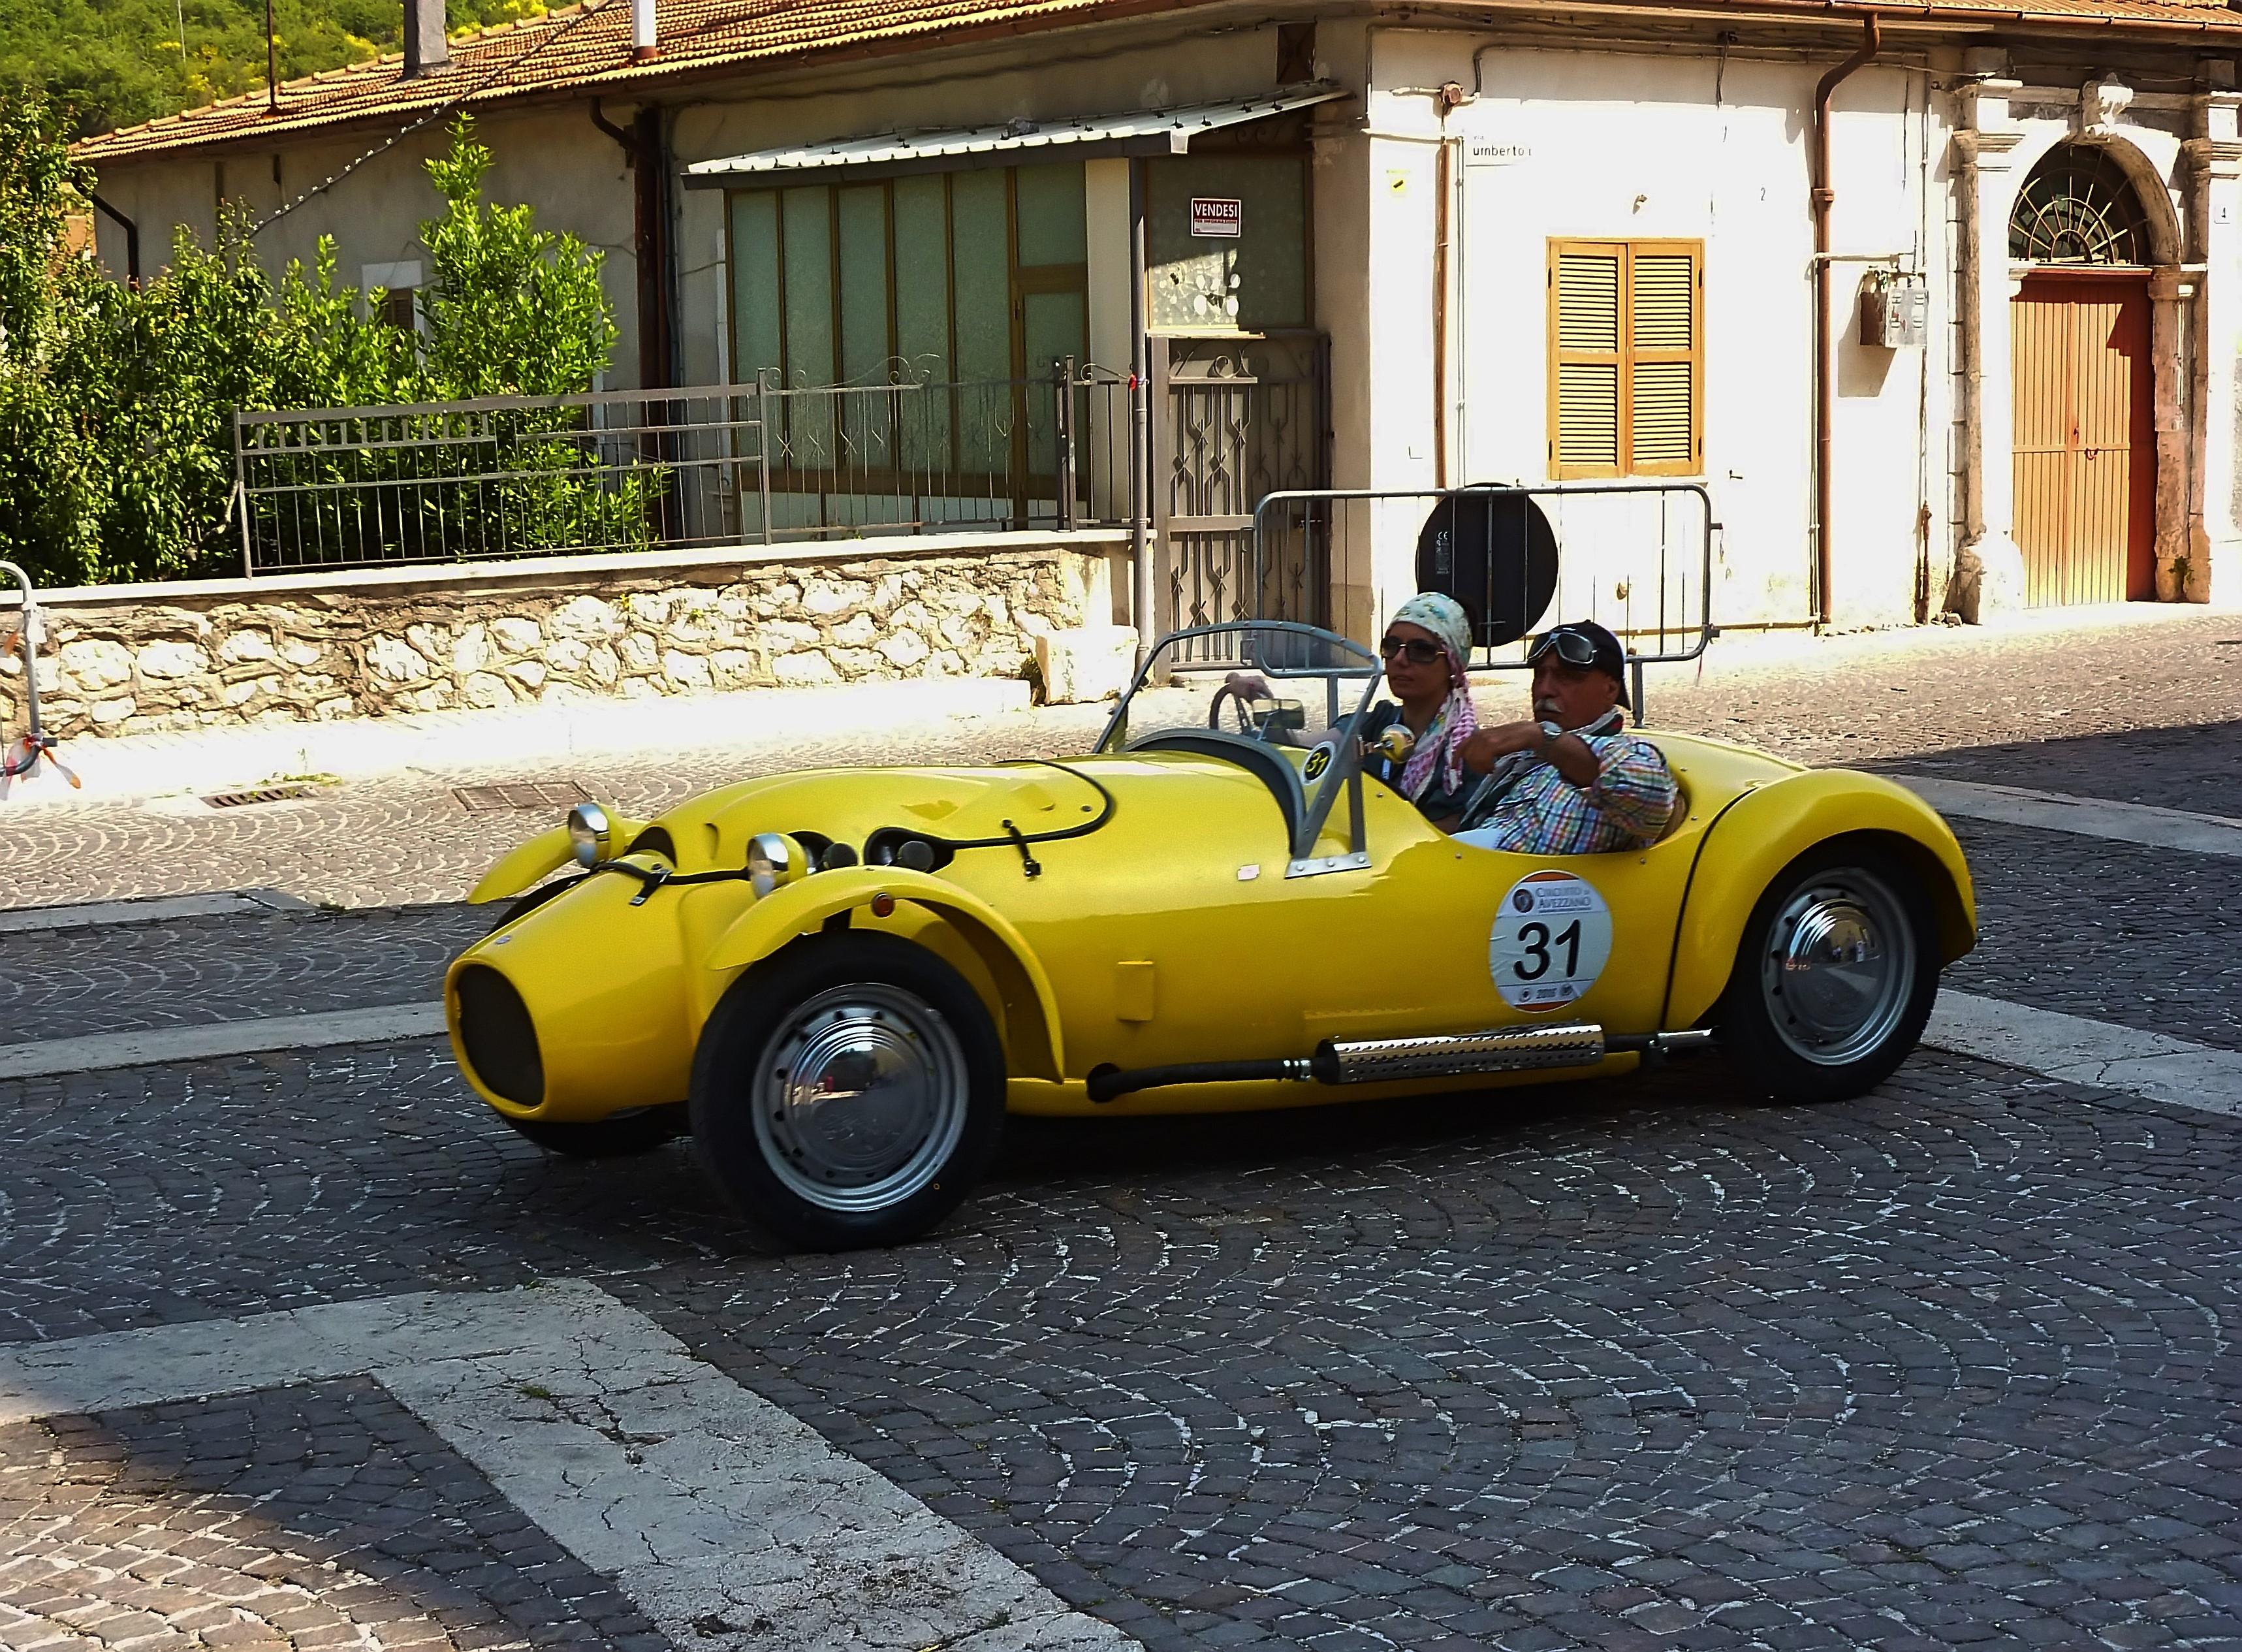 4th Circuito Di Avezzano (165)